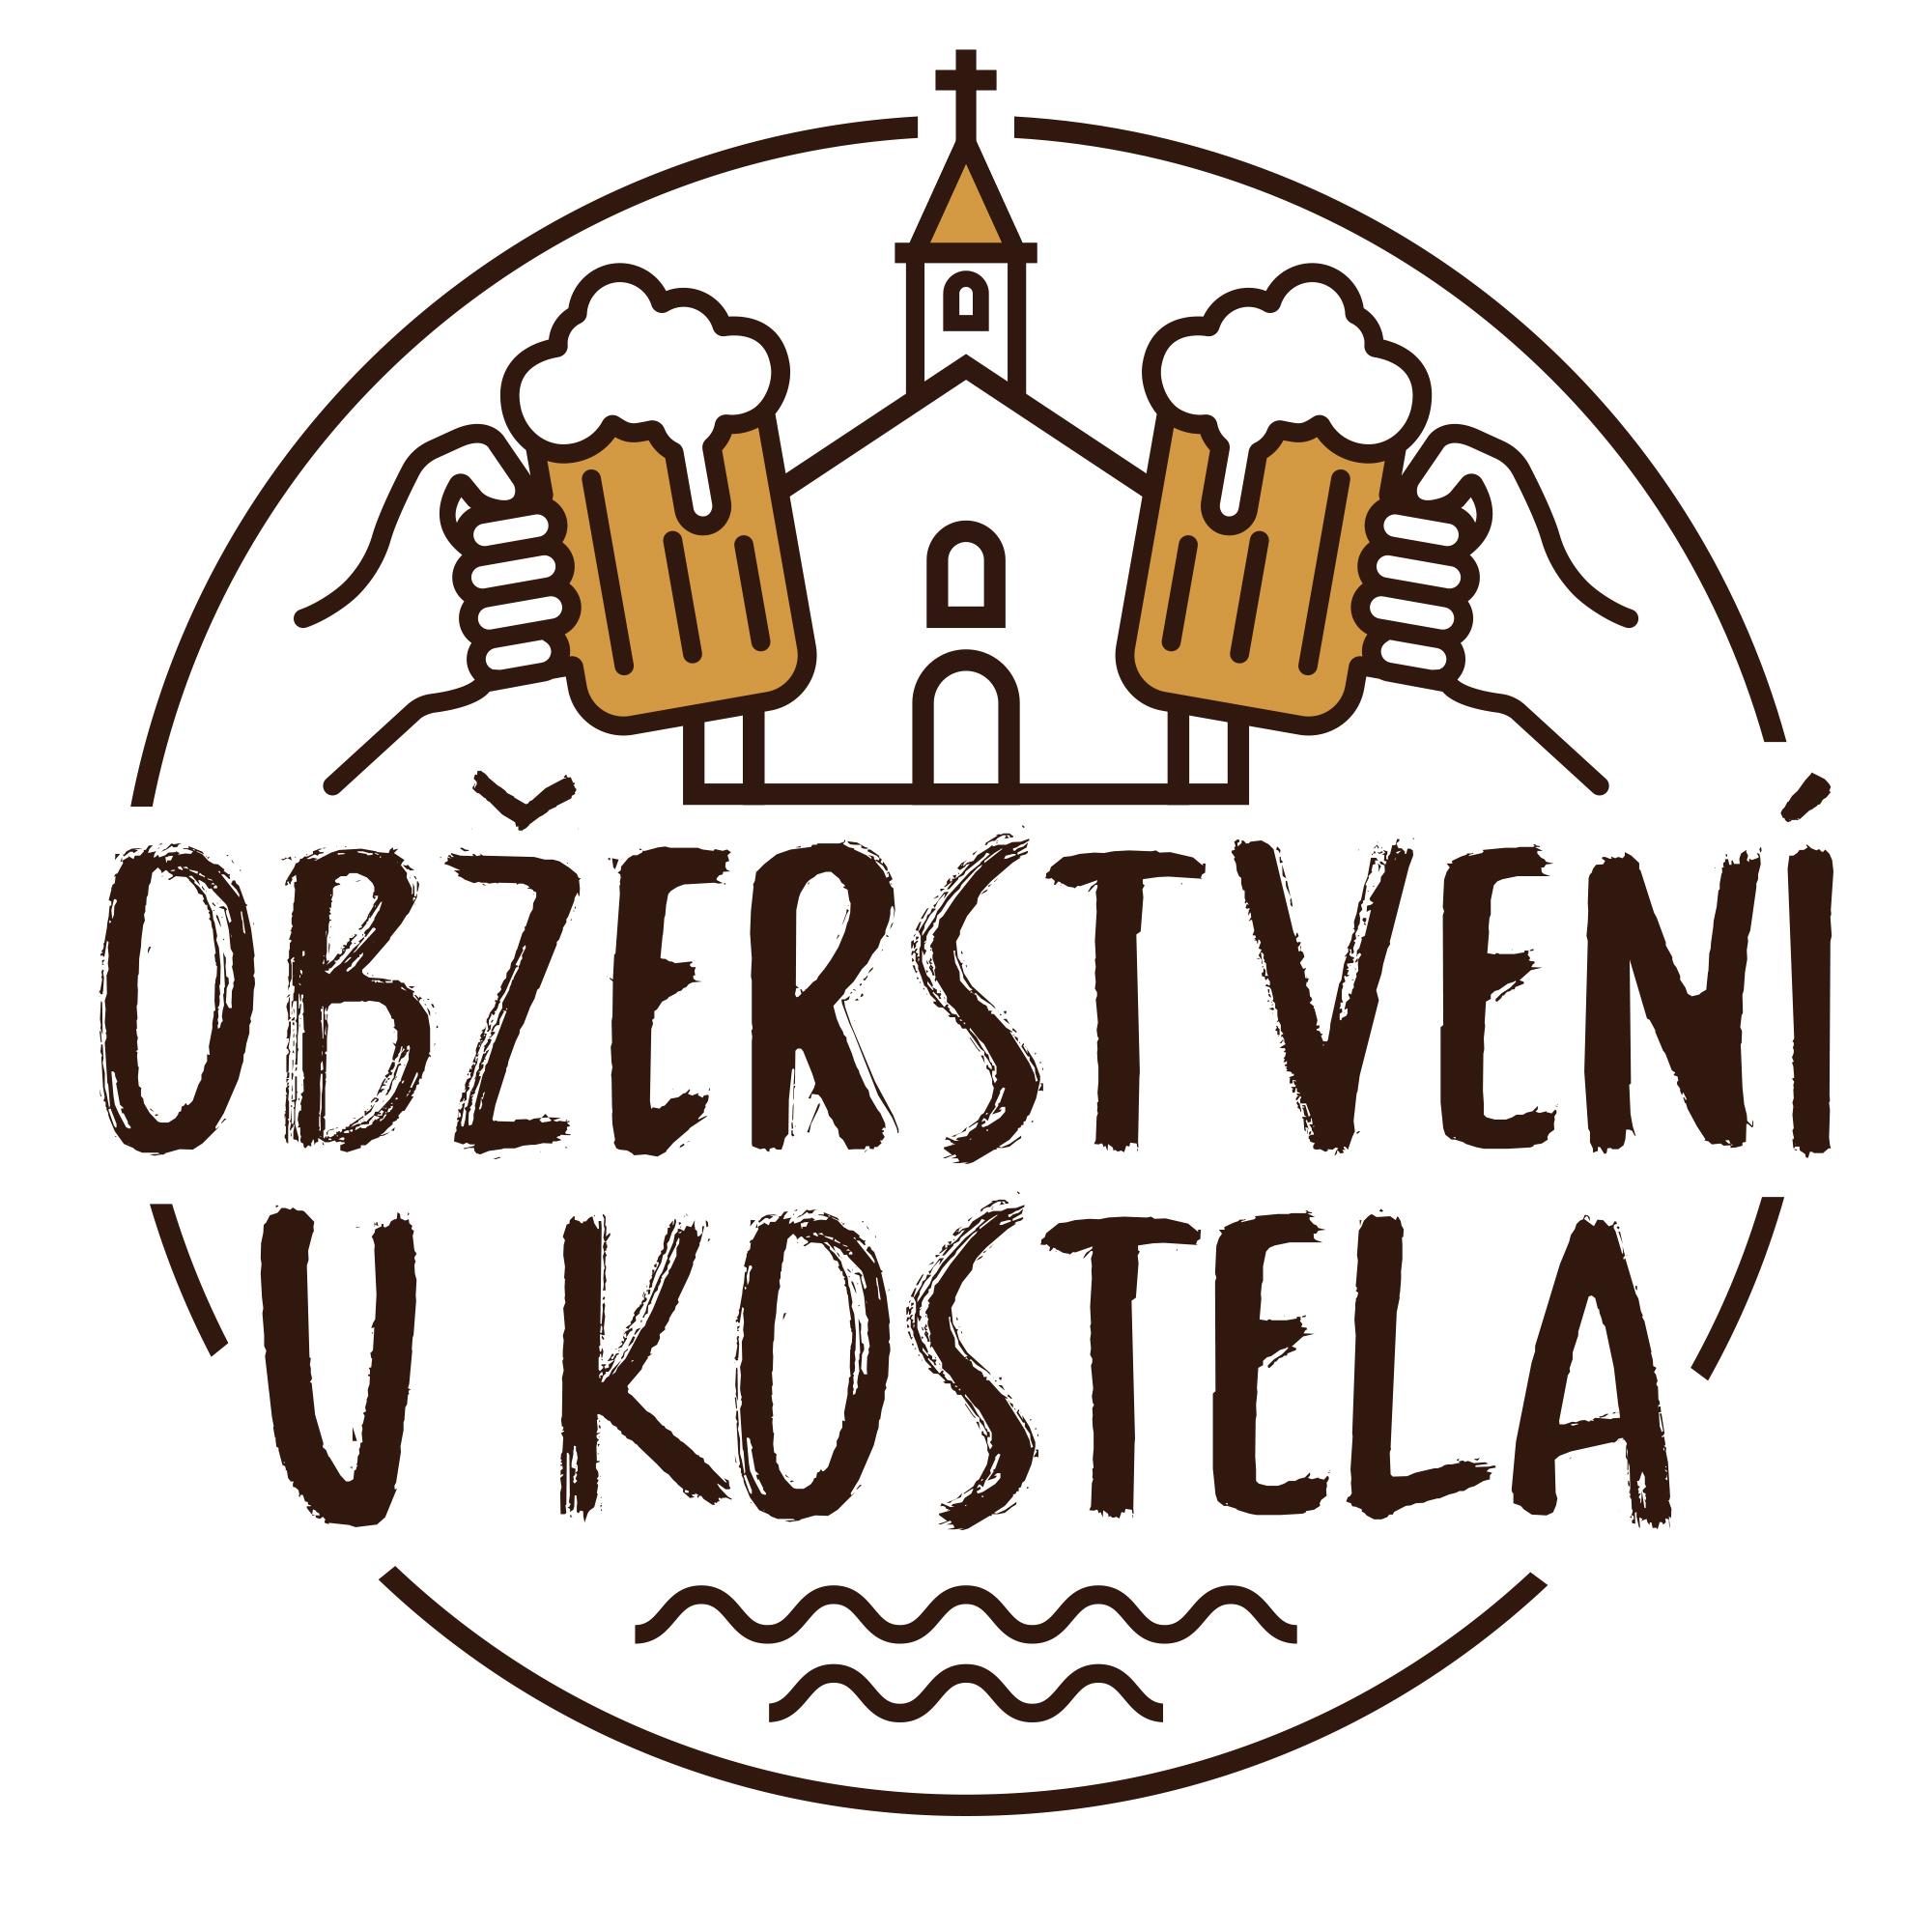 obzerstveniukostela.cz